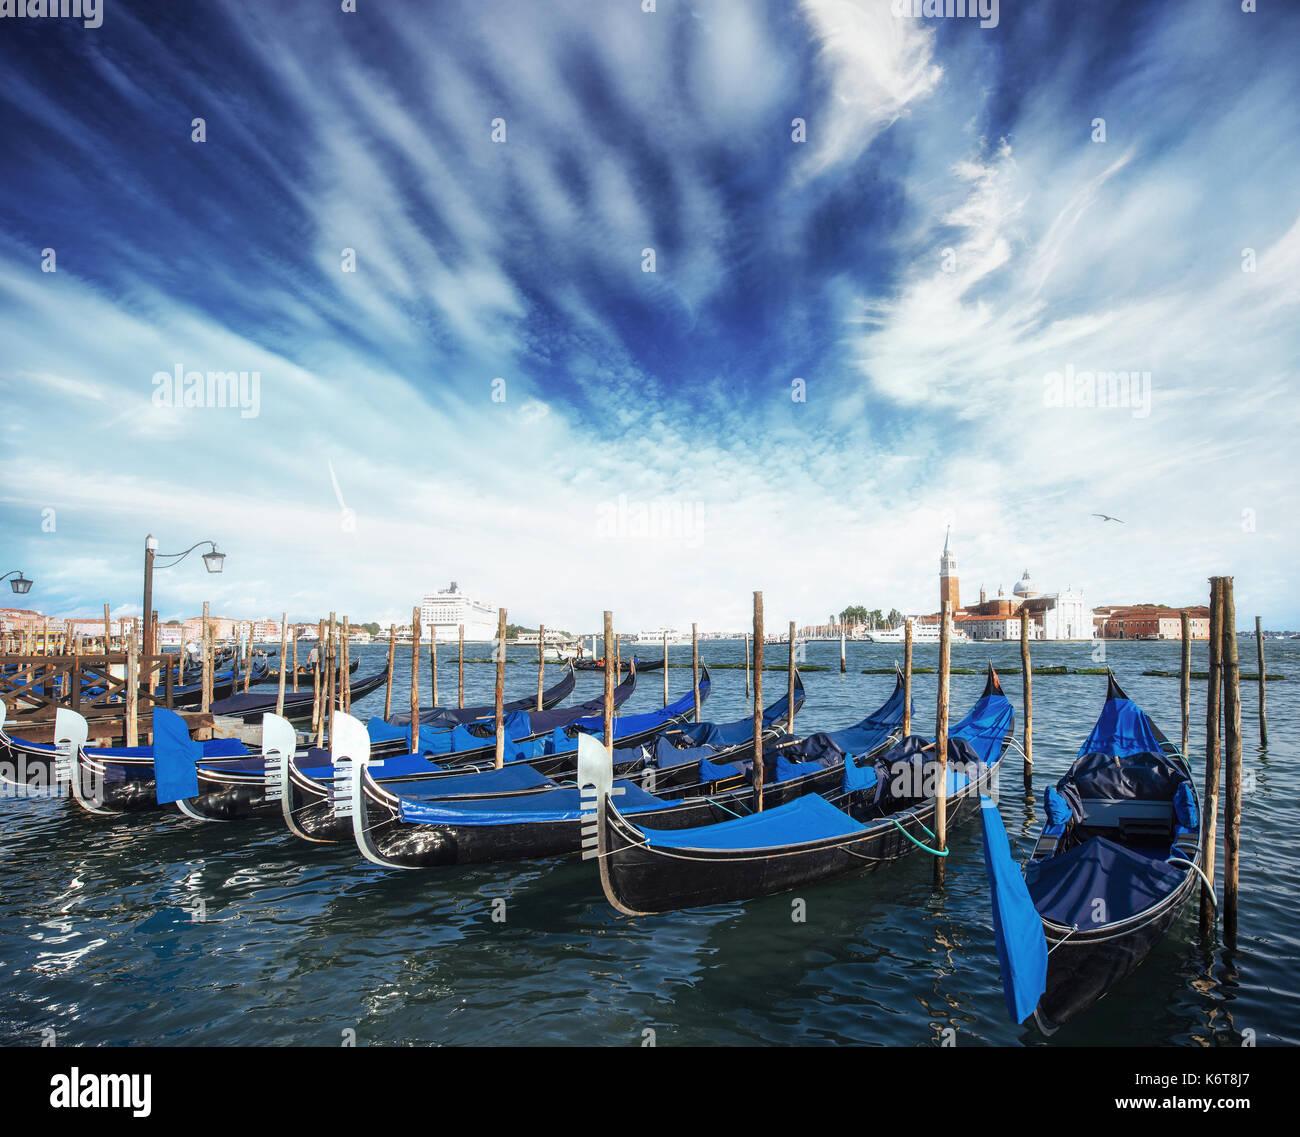 Las góndolas en el gran canal de Venecia, San Giorgio Maggiore. San Marcos. Hermoso paisaje de verano Imagen De Stock